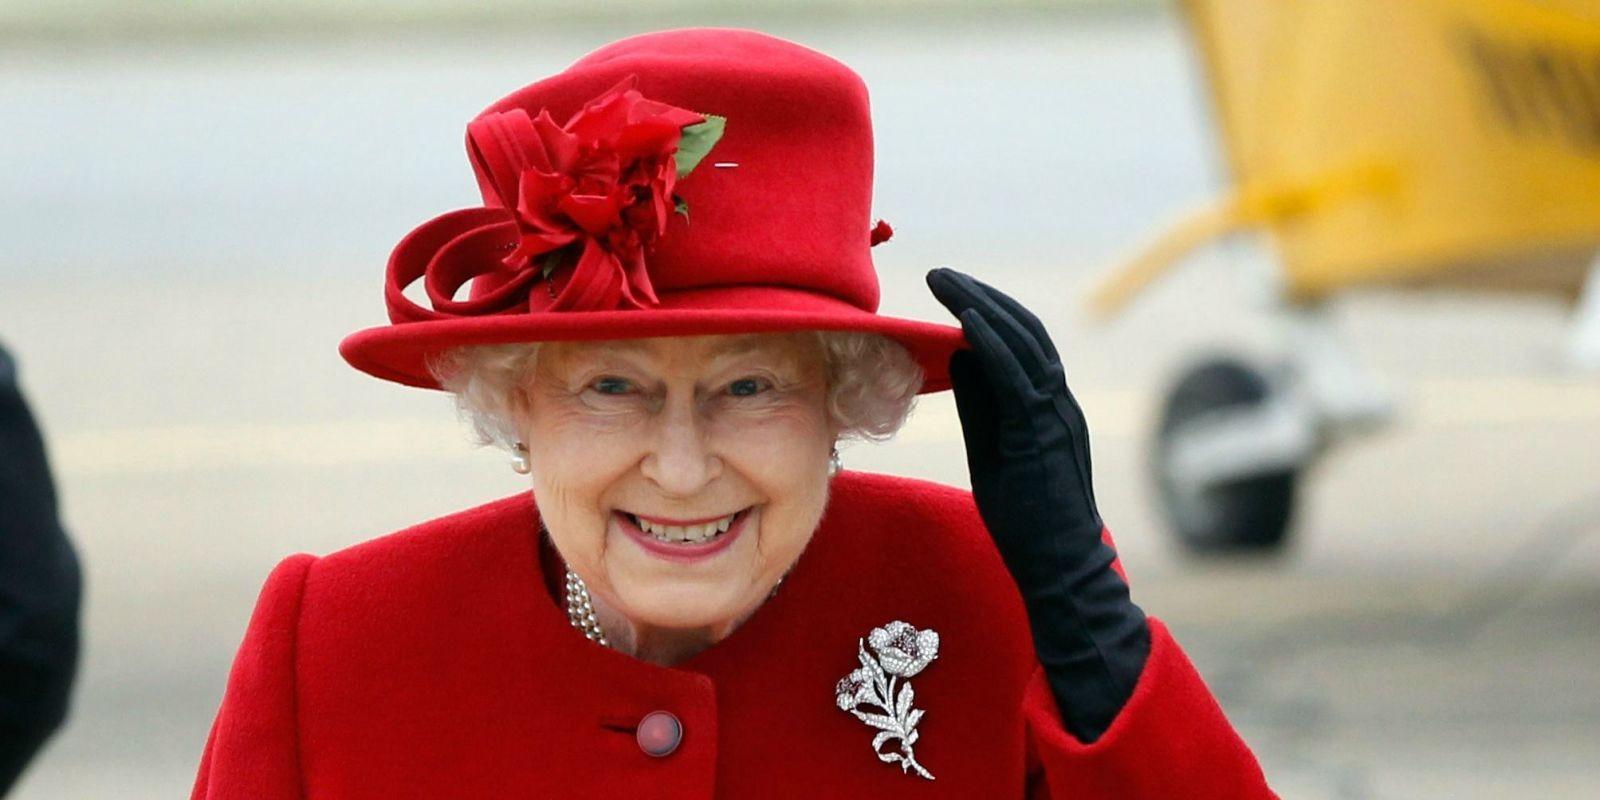 Bi quyet song tho cua Nu hoang Anh Elizabeth II-Hinh-9